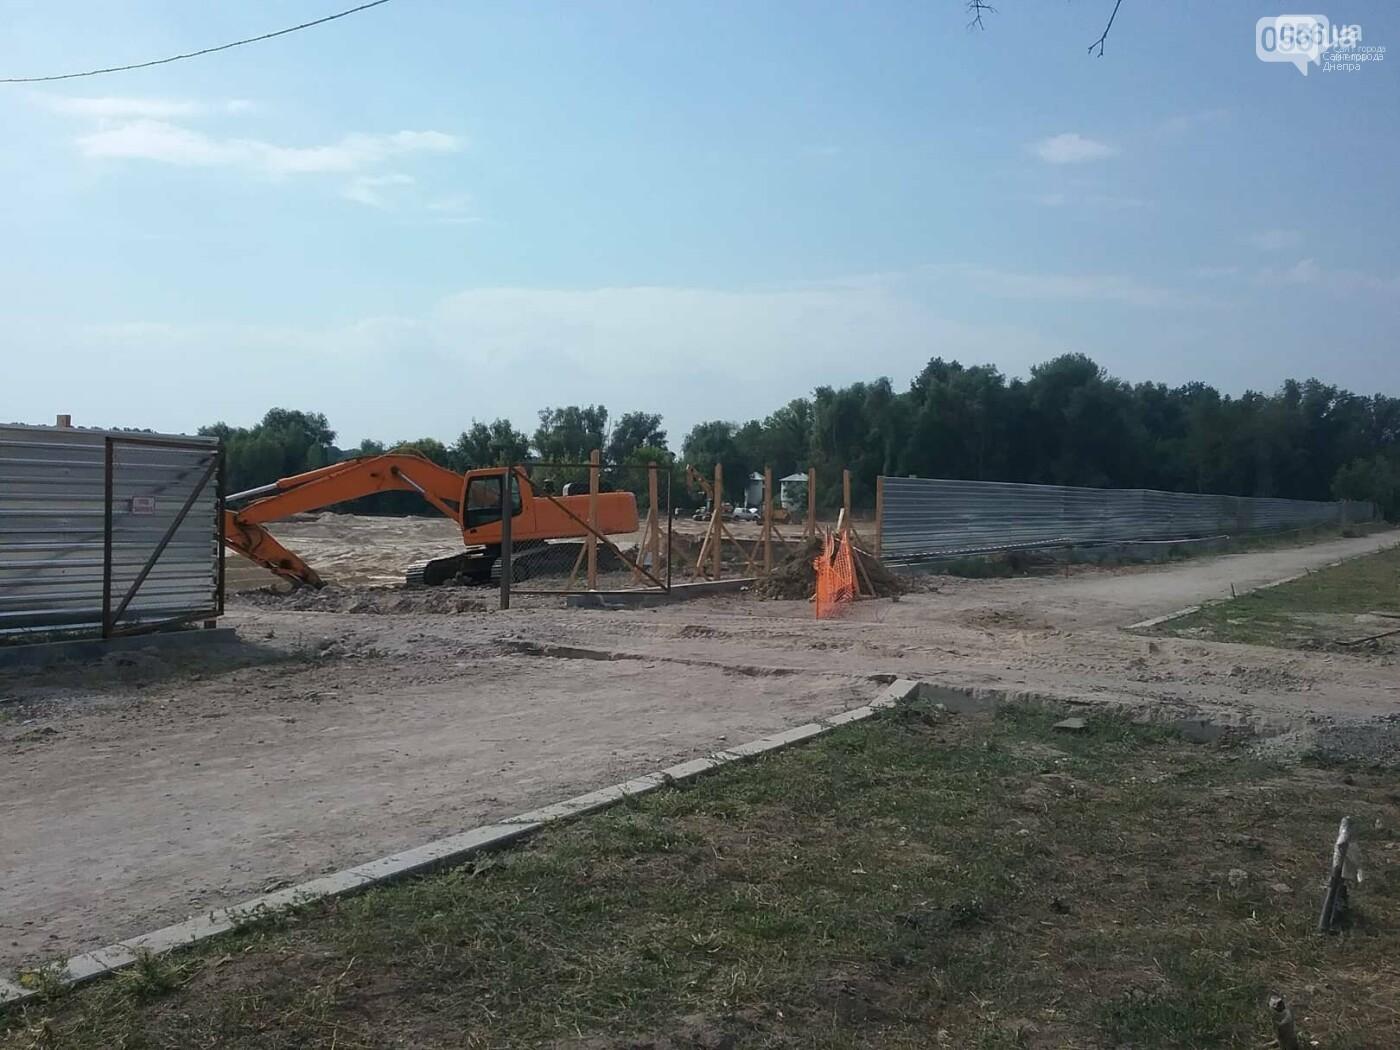 Новый парк в Днепре: какой будет Набережная Победы после реконструкции, фото-2